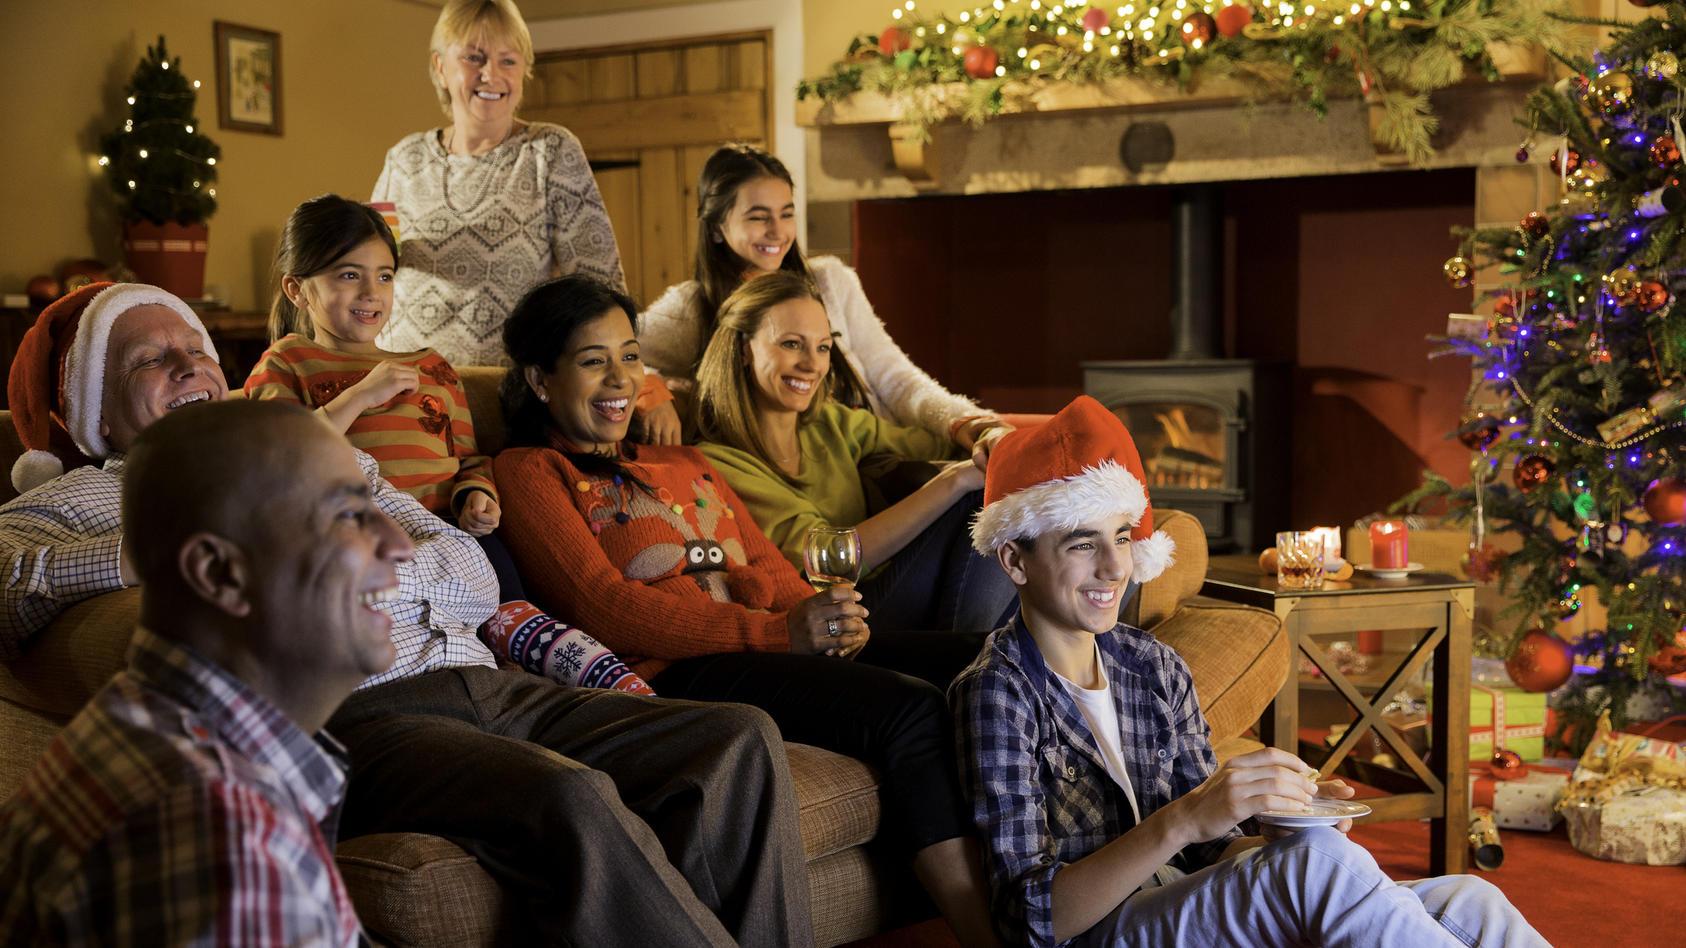 Weihnachtsfilme für die ganze Familie.